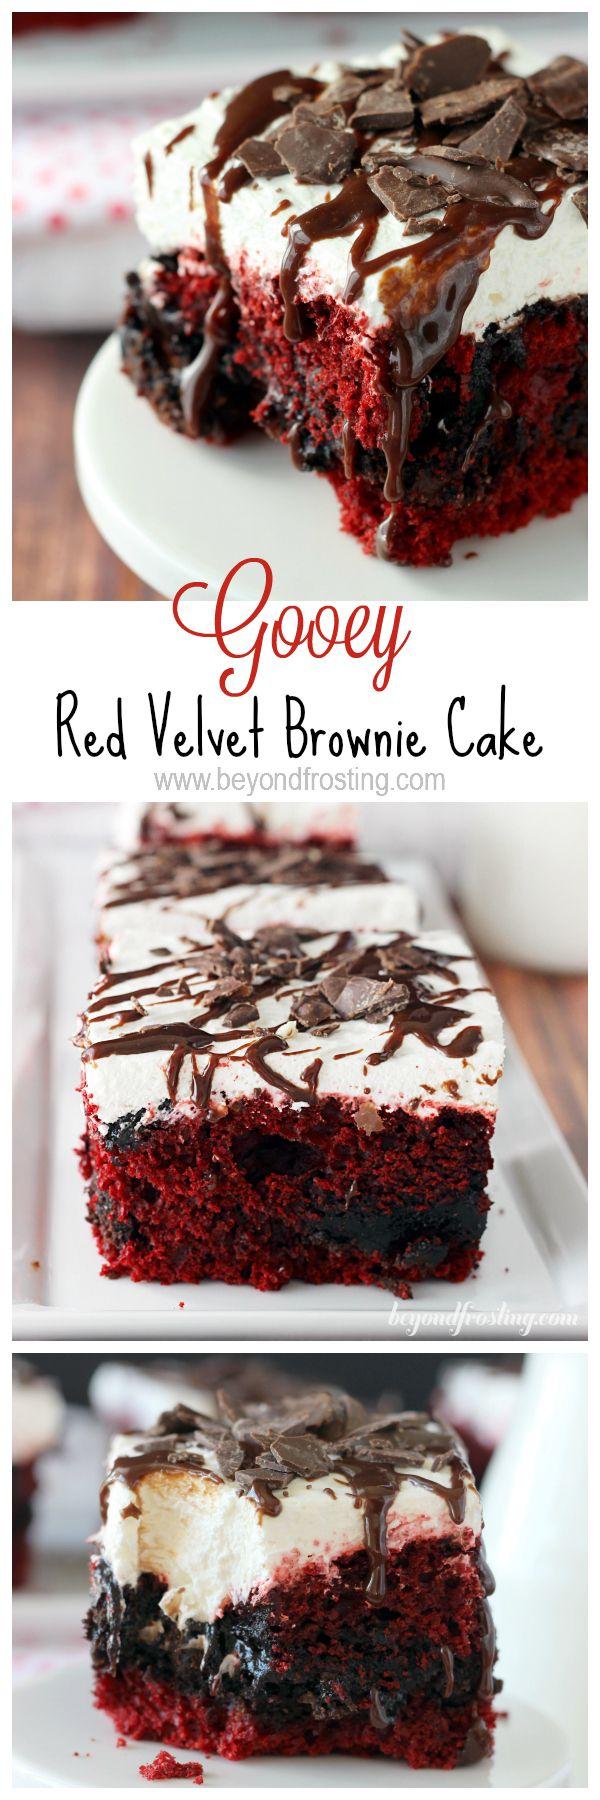 Gooey Red Velvet Brownie Cake   Recipe   Red velvet, Red velvet ...